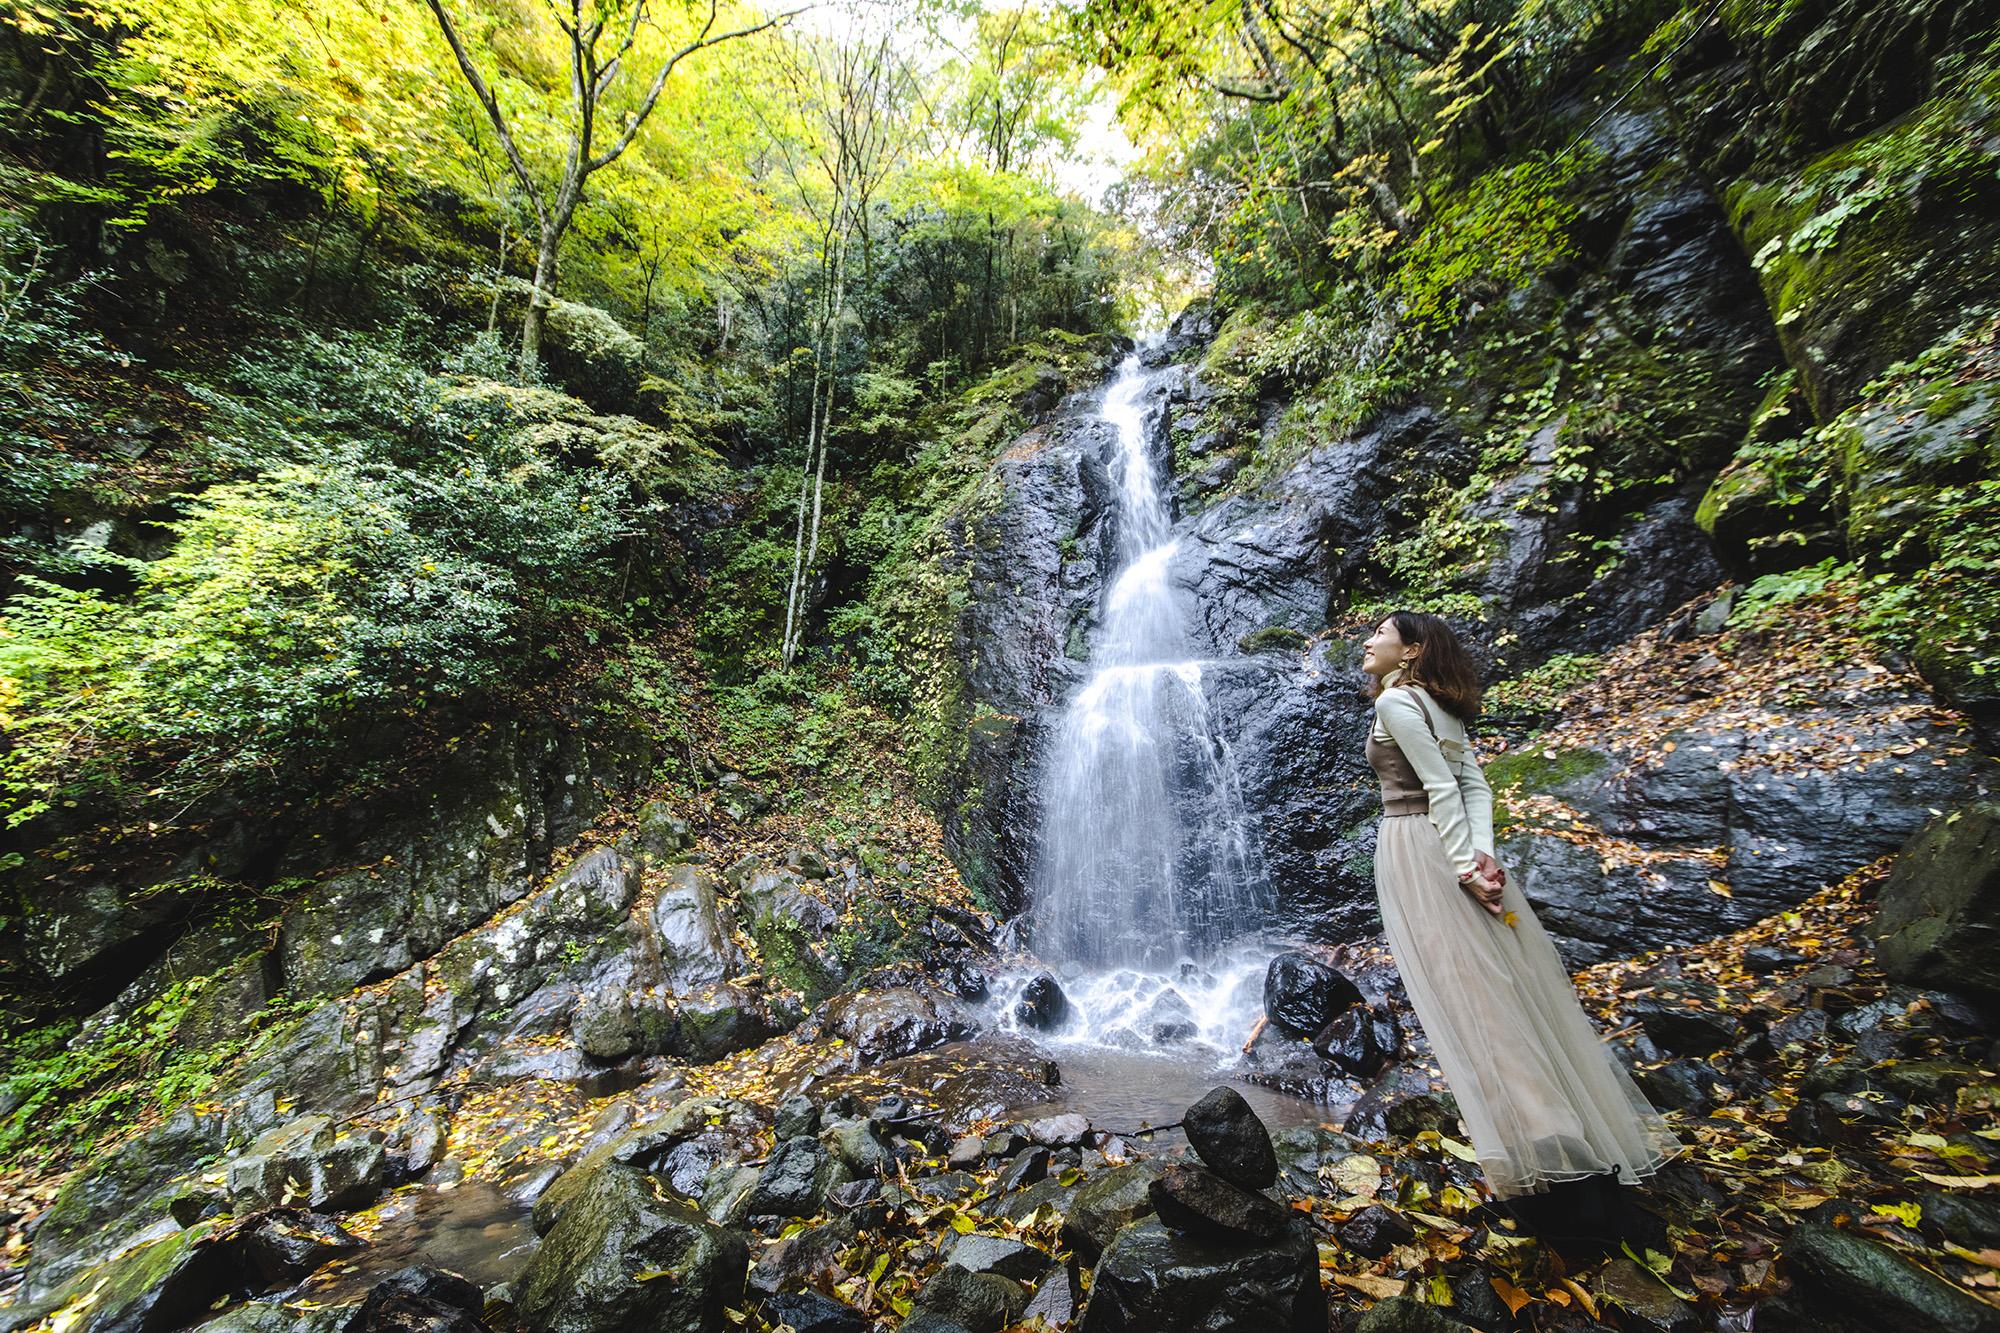 【松山・東温・砥部  1泊2日周遊コース】自然・素敵な人たちのやさしさに触れる旅へ